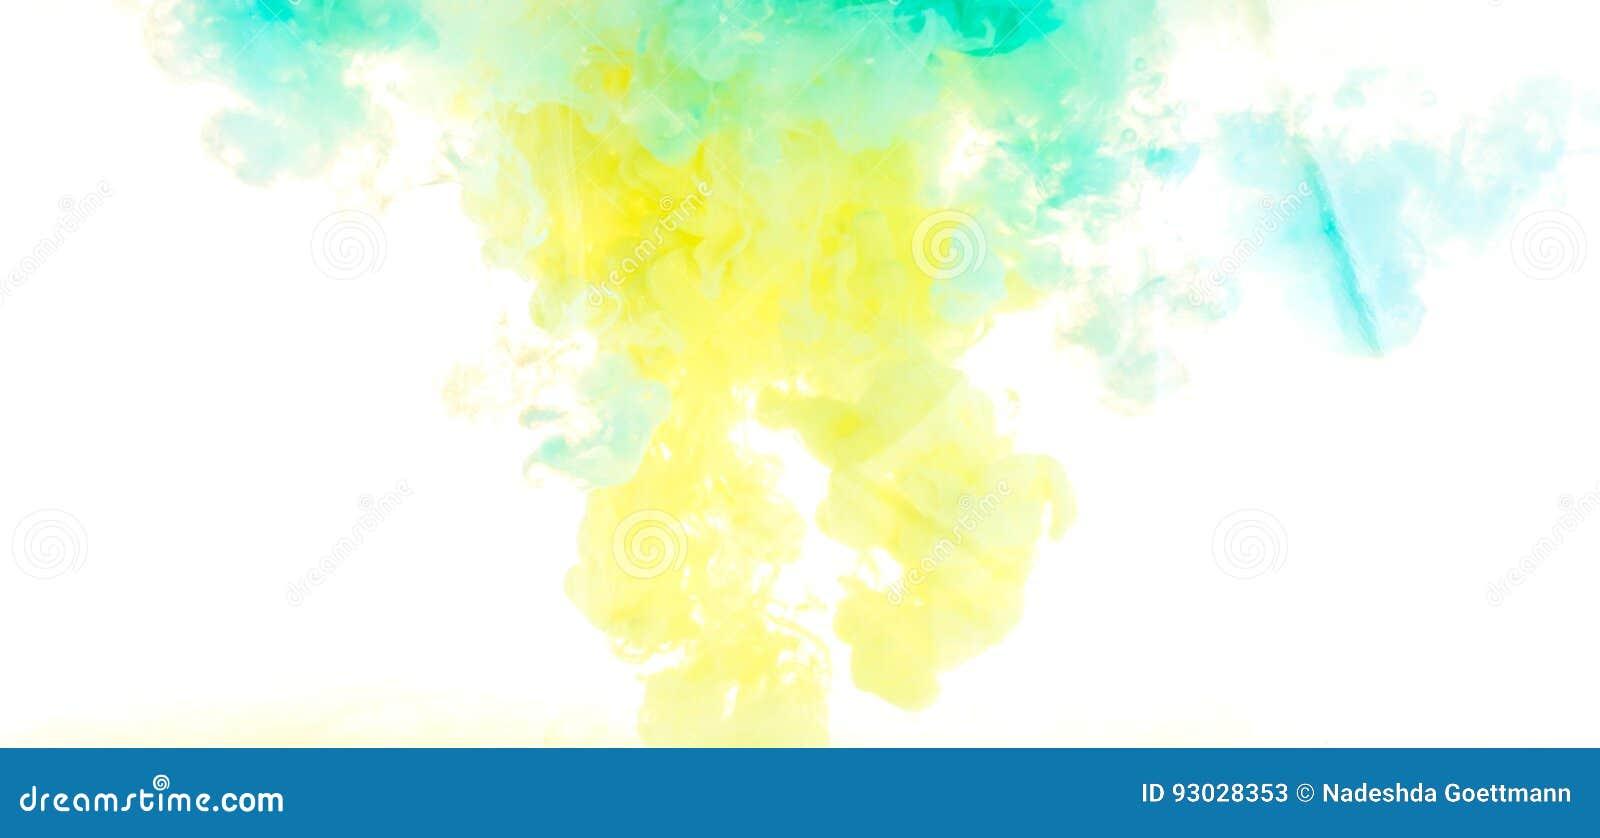 Inchiostro Colori acrilici gialli, blu e verdi Inchiostro che turbina in acqua Esplosione di colore